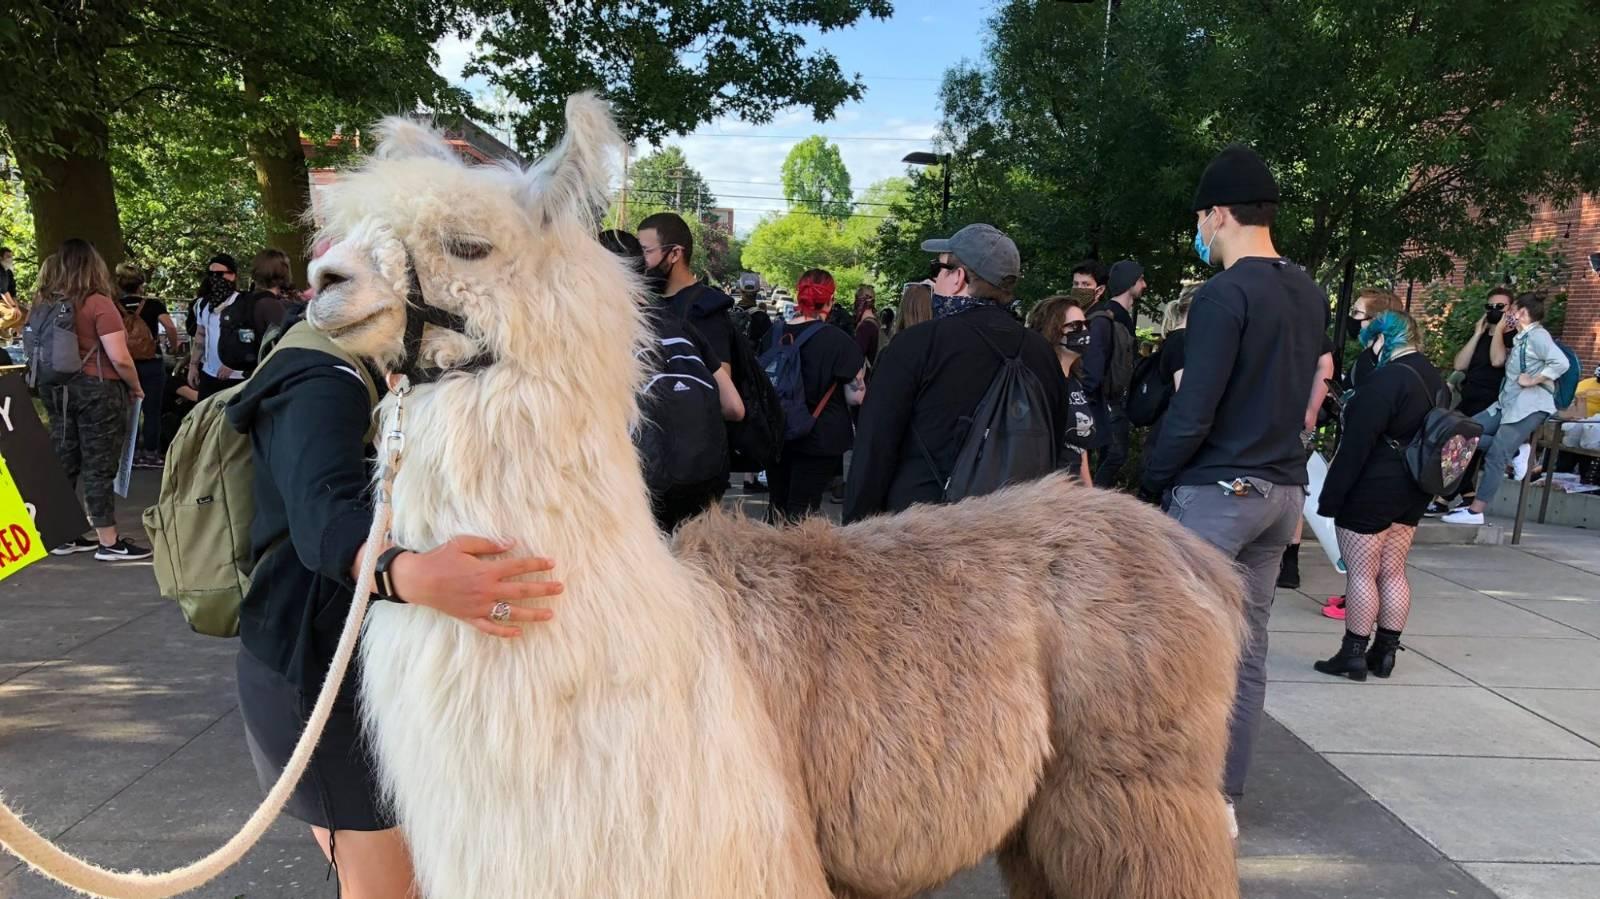 Therapy llama 'Caesar the No Drama Llama' calms tensions at protests